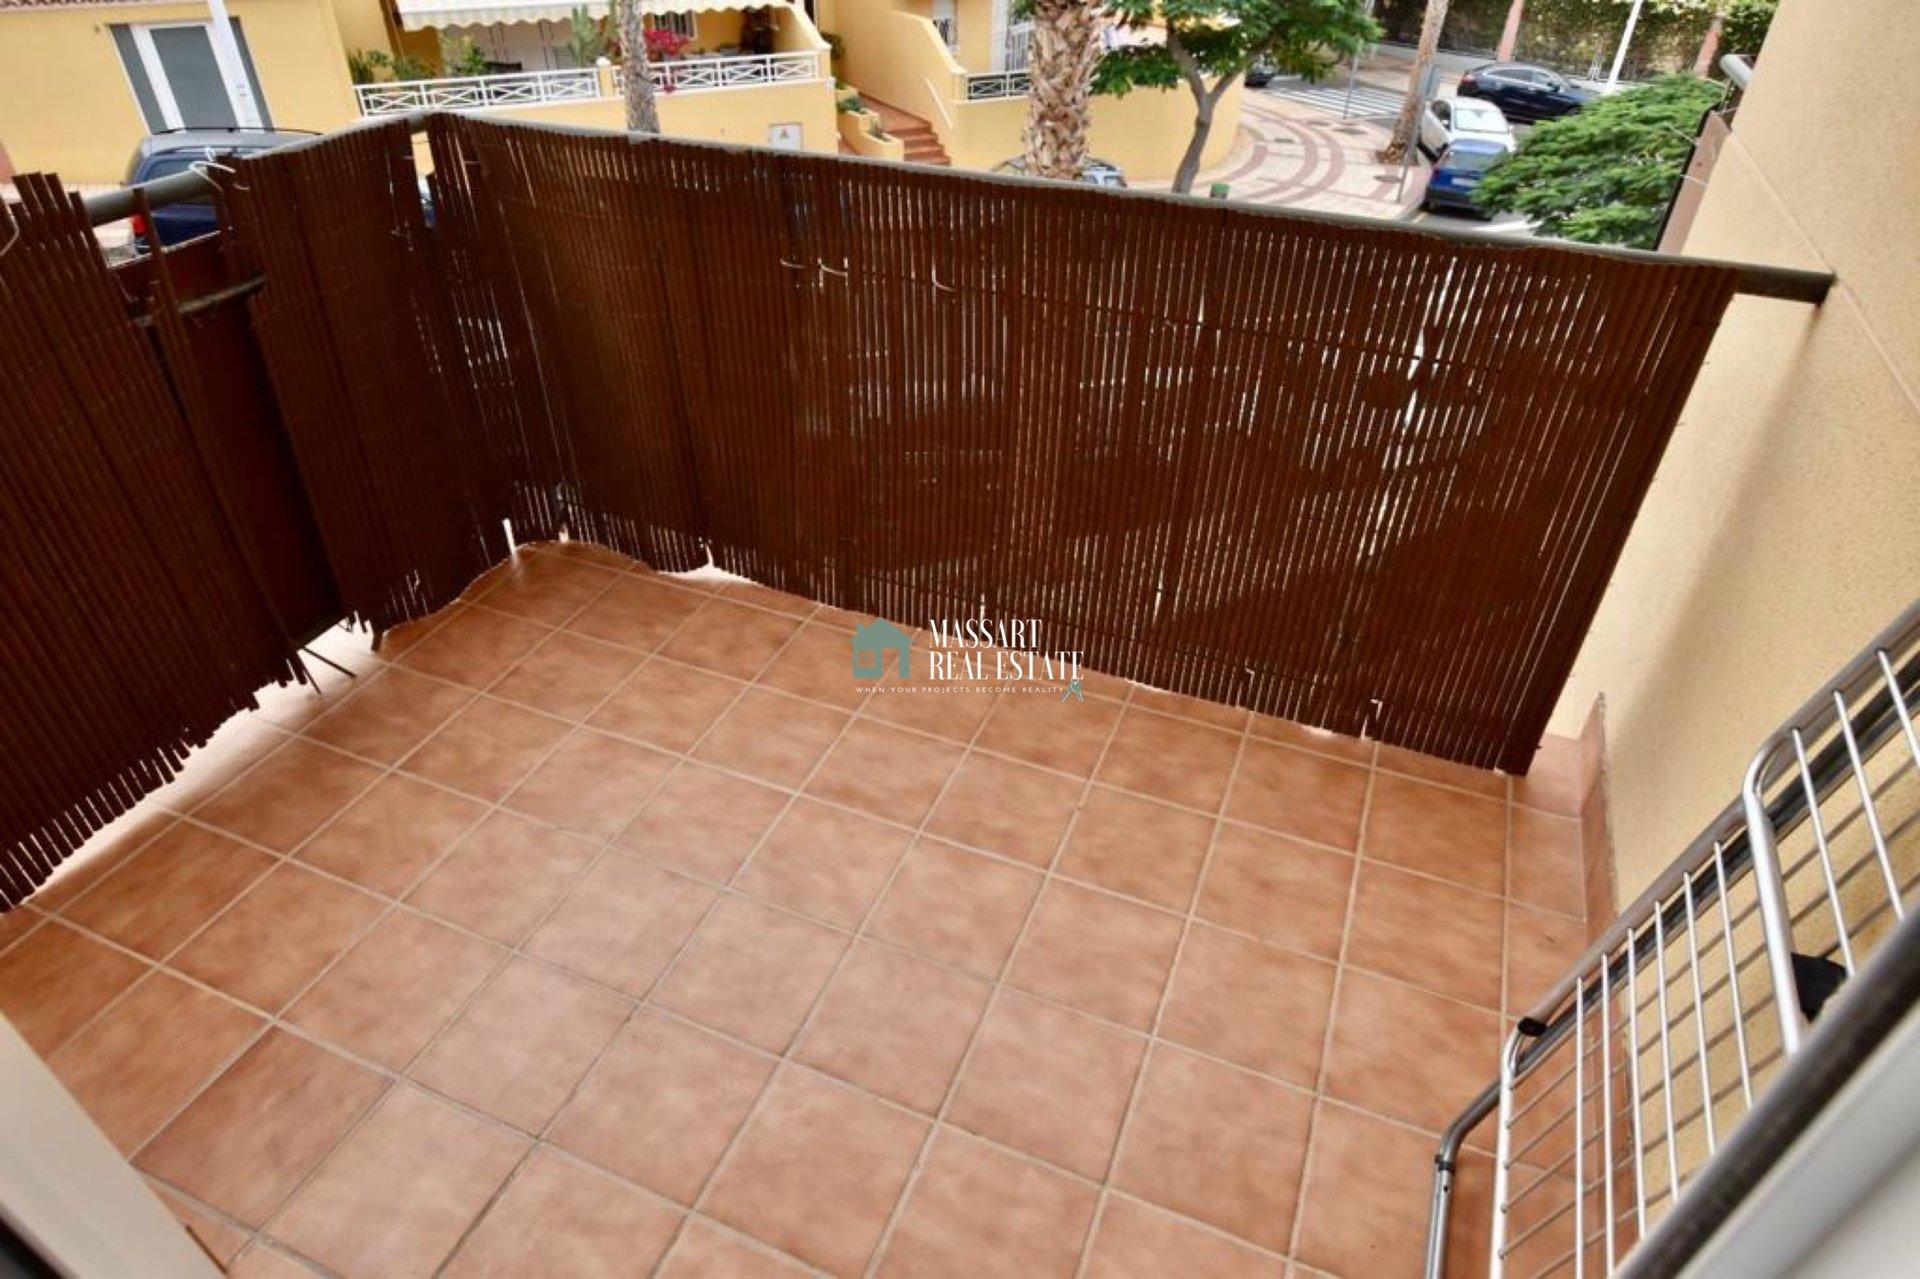 À louer dans le centre d'Adeje, dans le quartier populaire d'El Galeón, appartement lumineux d'environ 60 m2 caractérisé par l'offre de deux magnifiques terrasses.